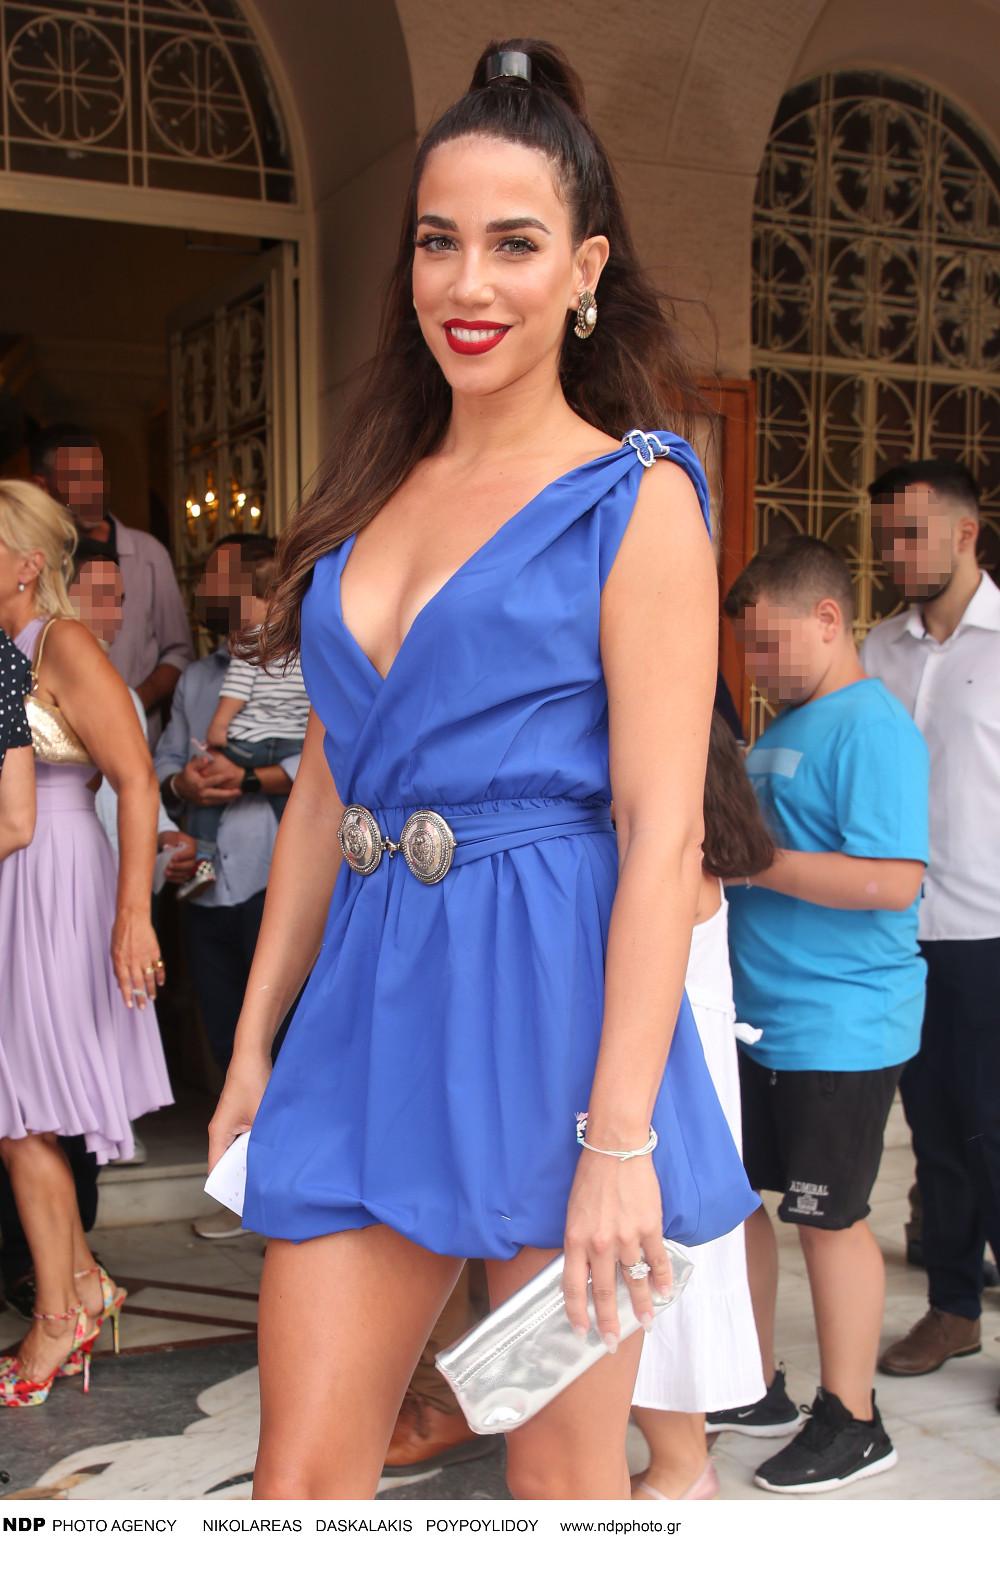 Η Κατερίνα Στικούδη με κοντό μπλε φόρεμα έξω από εκκλησία